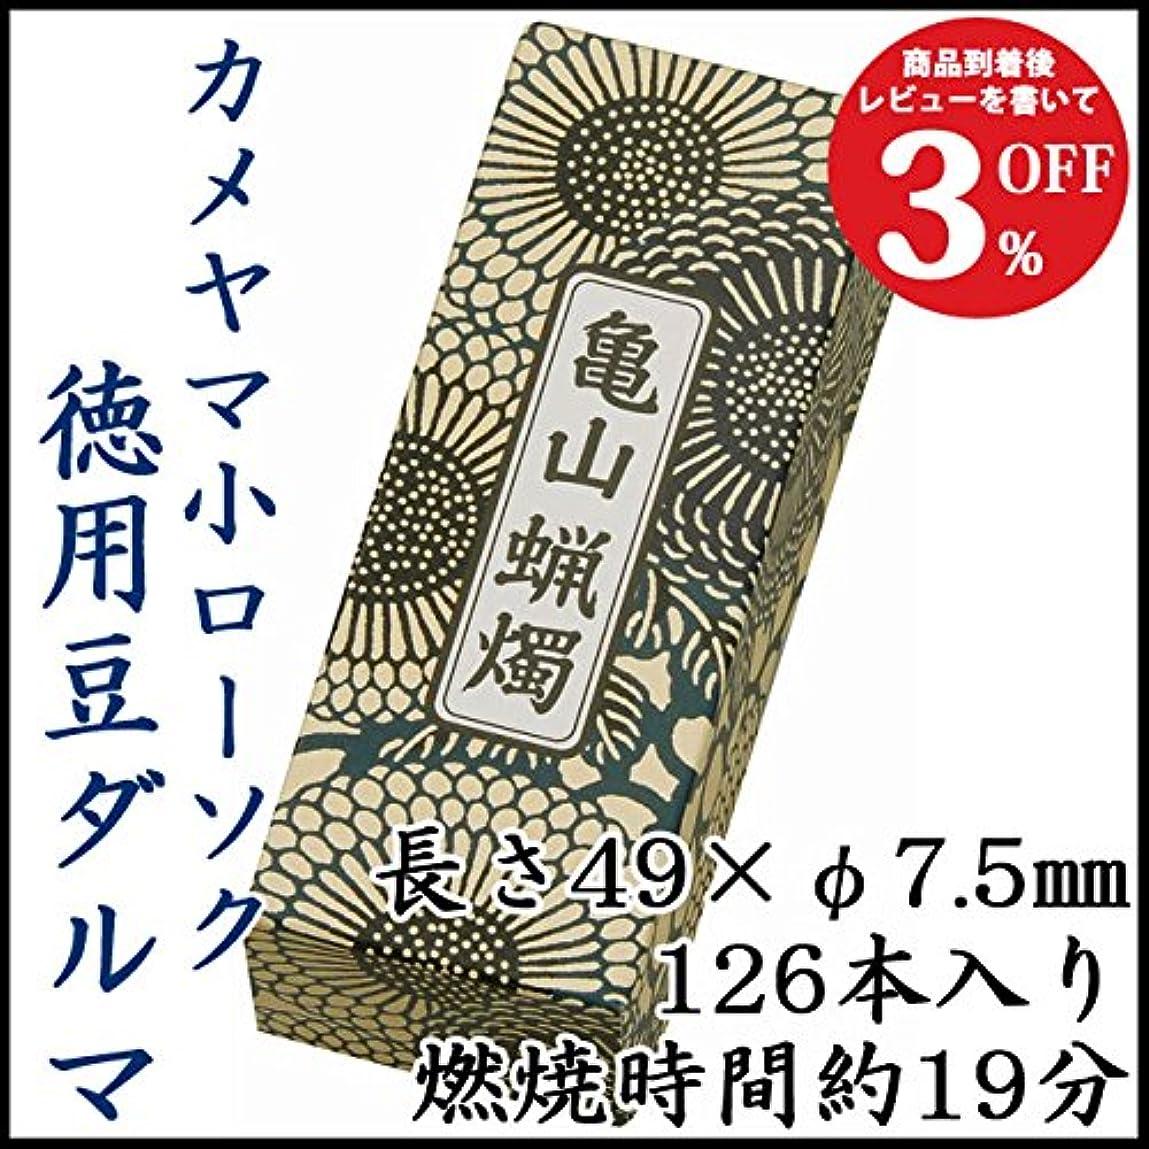 ピーブ広範囲高音カメヤマ小ローソク 徳用豆ダルマA#151 225g